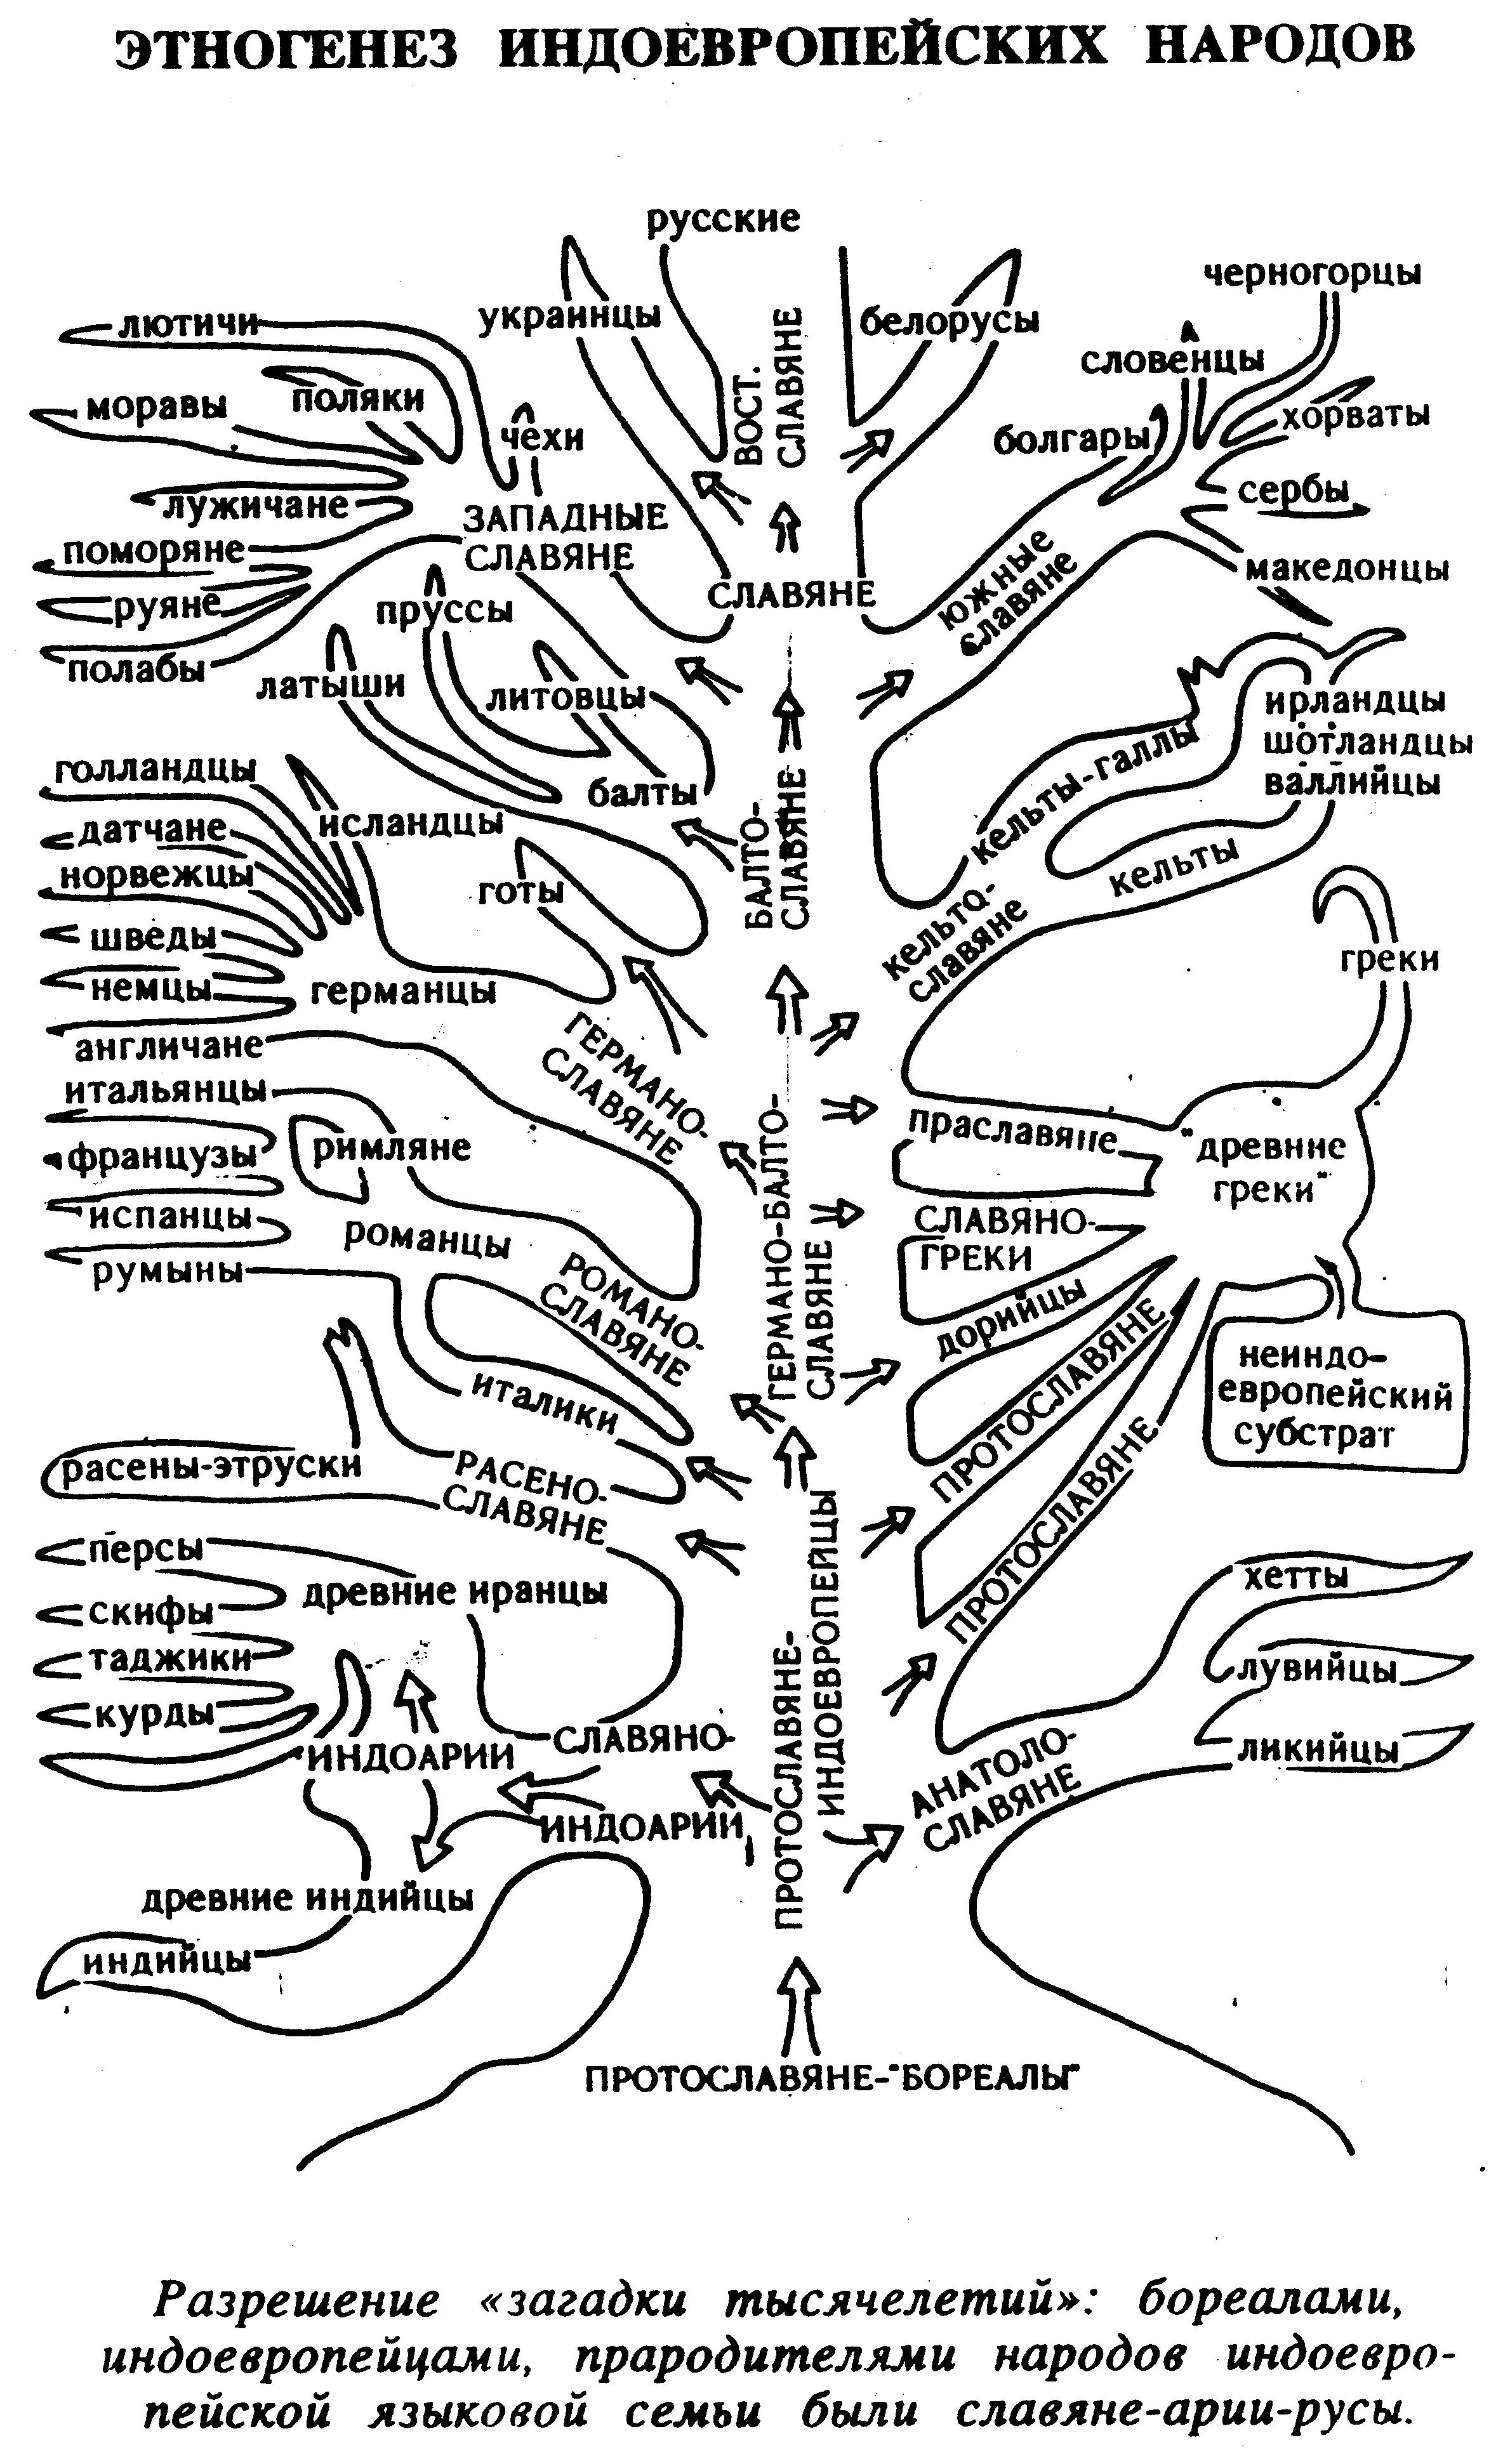 Намазга и Алтын приходят в запустение.  Обобщённые схемы процесса формирования народов и.